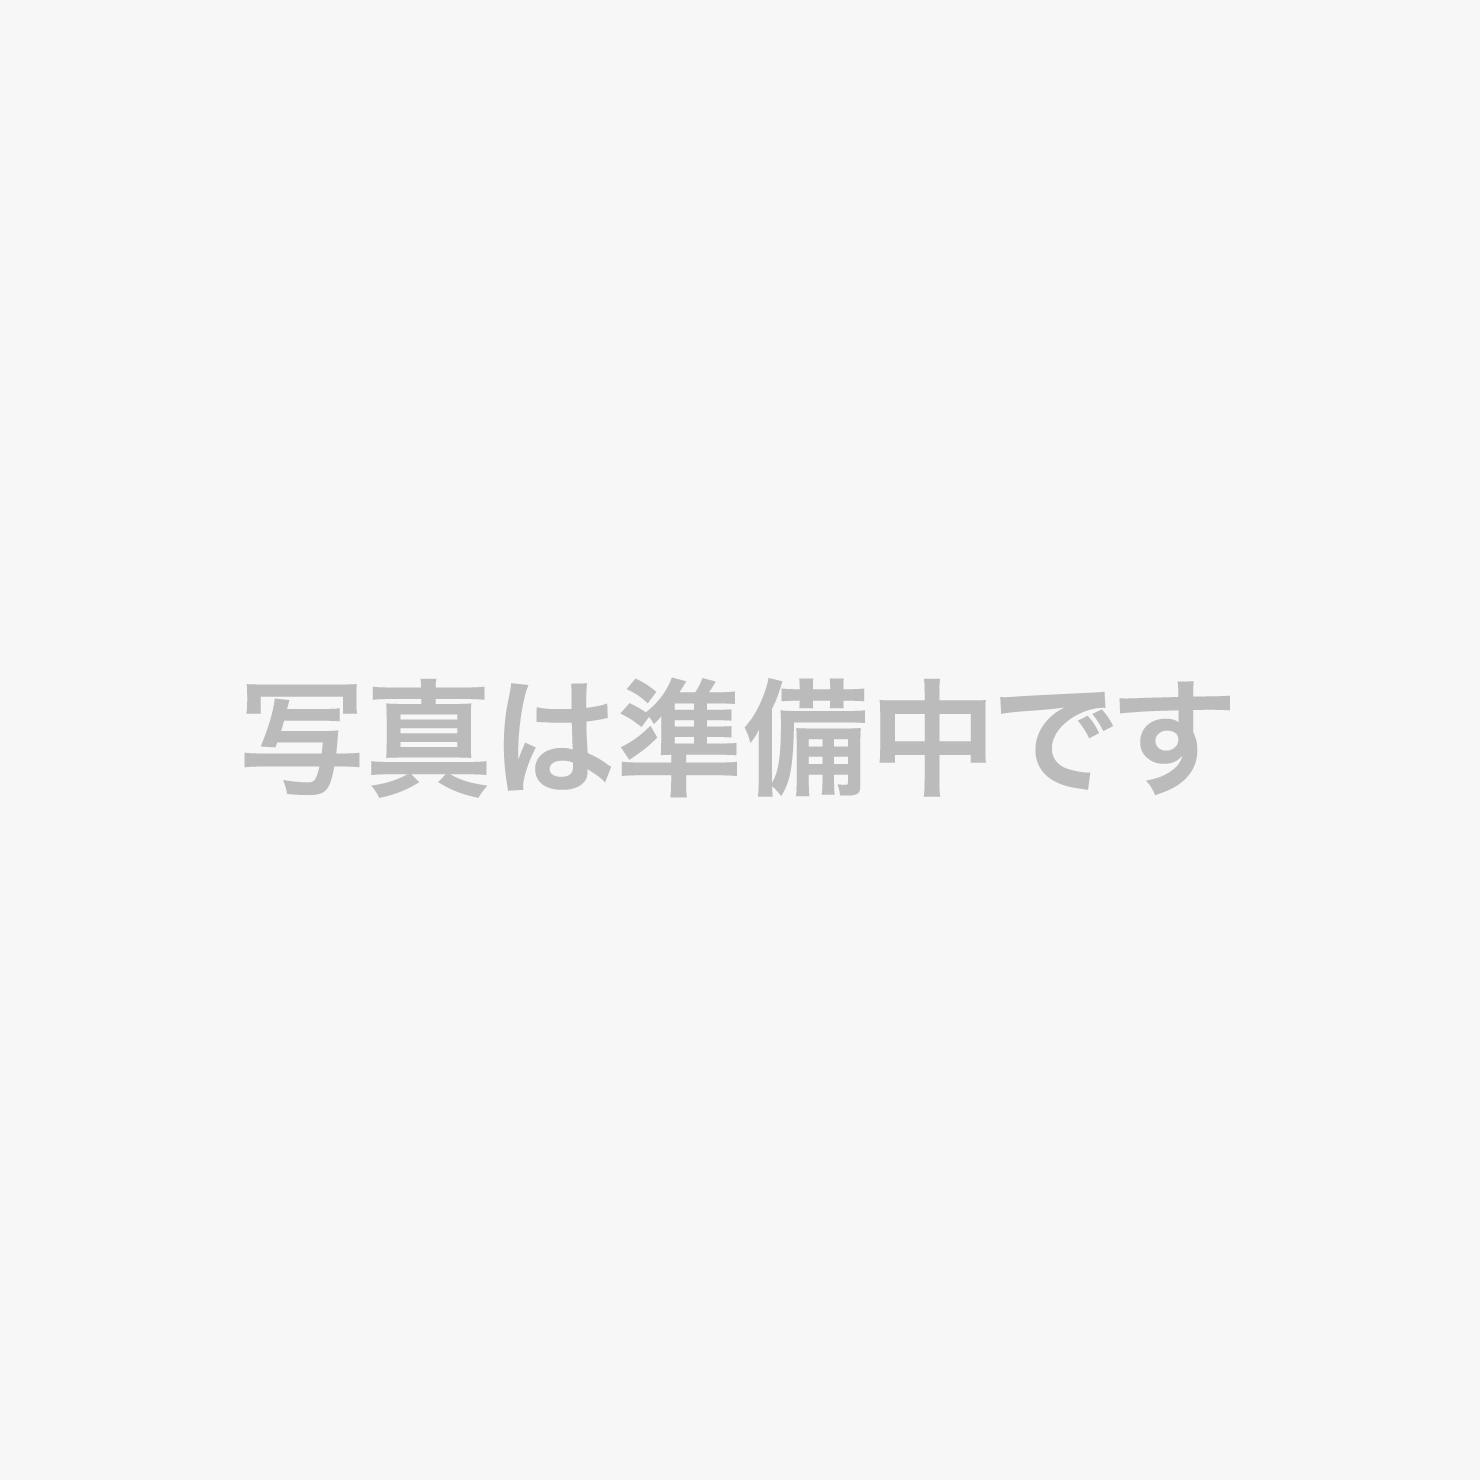 【メインタワー新ルーム】デラックスコーナールーム(61平米/2~6名様)2017年2月リニューアルOPEN!